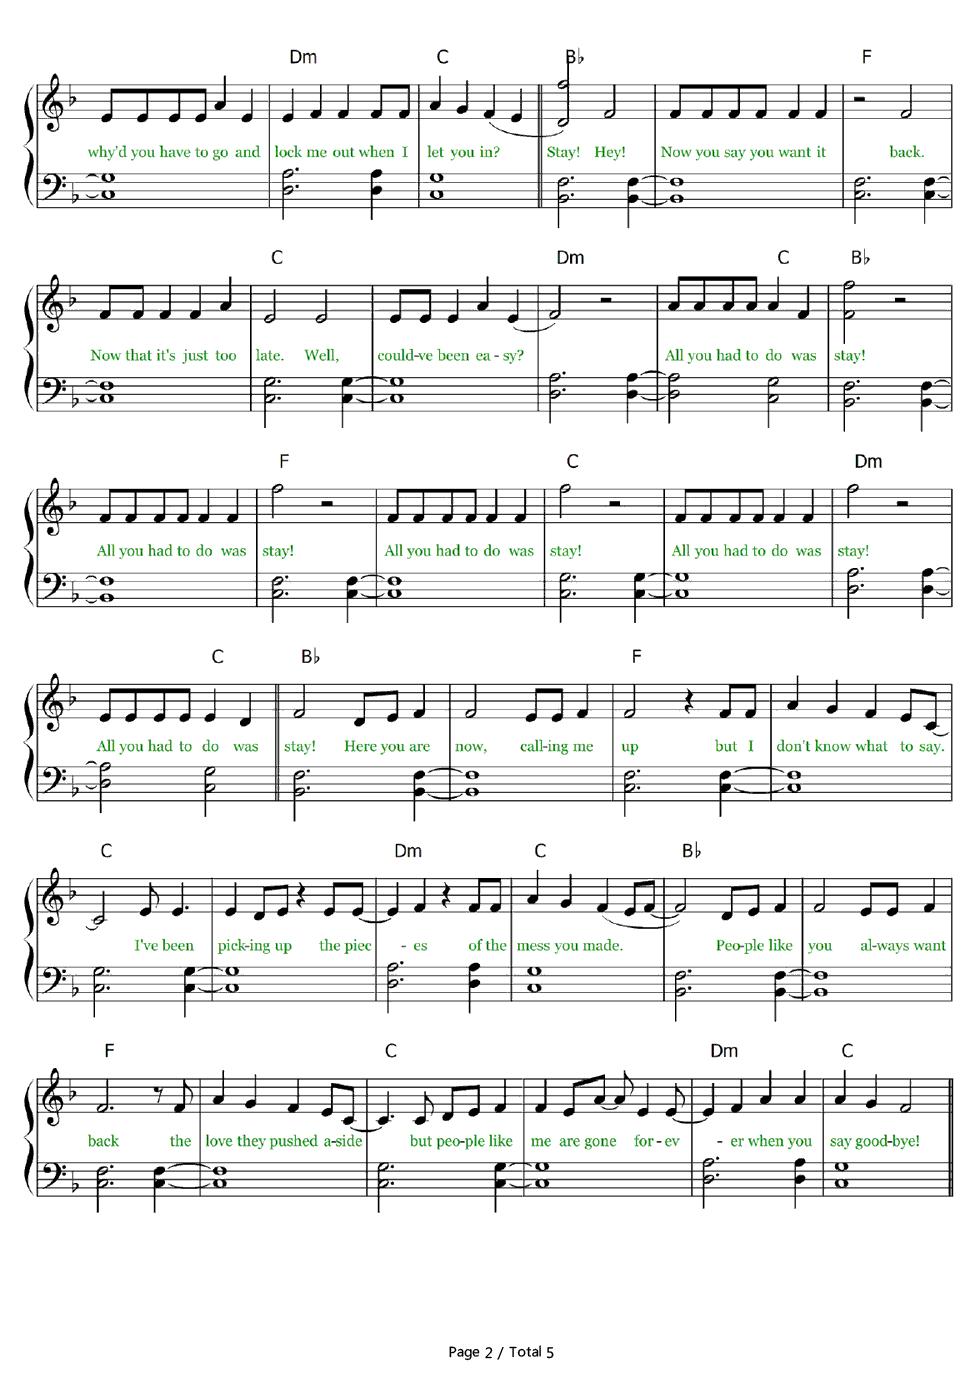 total sheet music